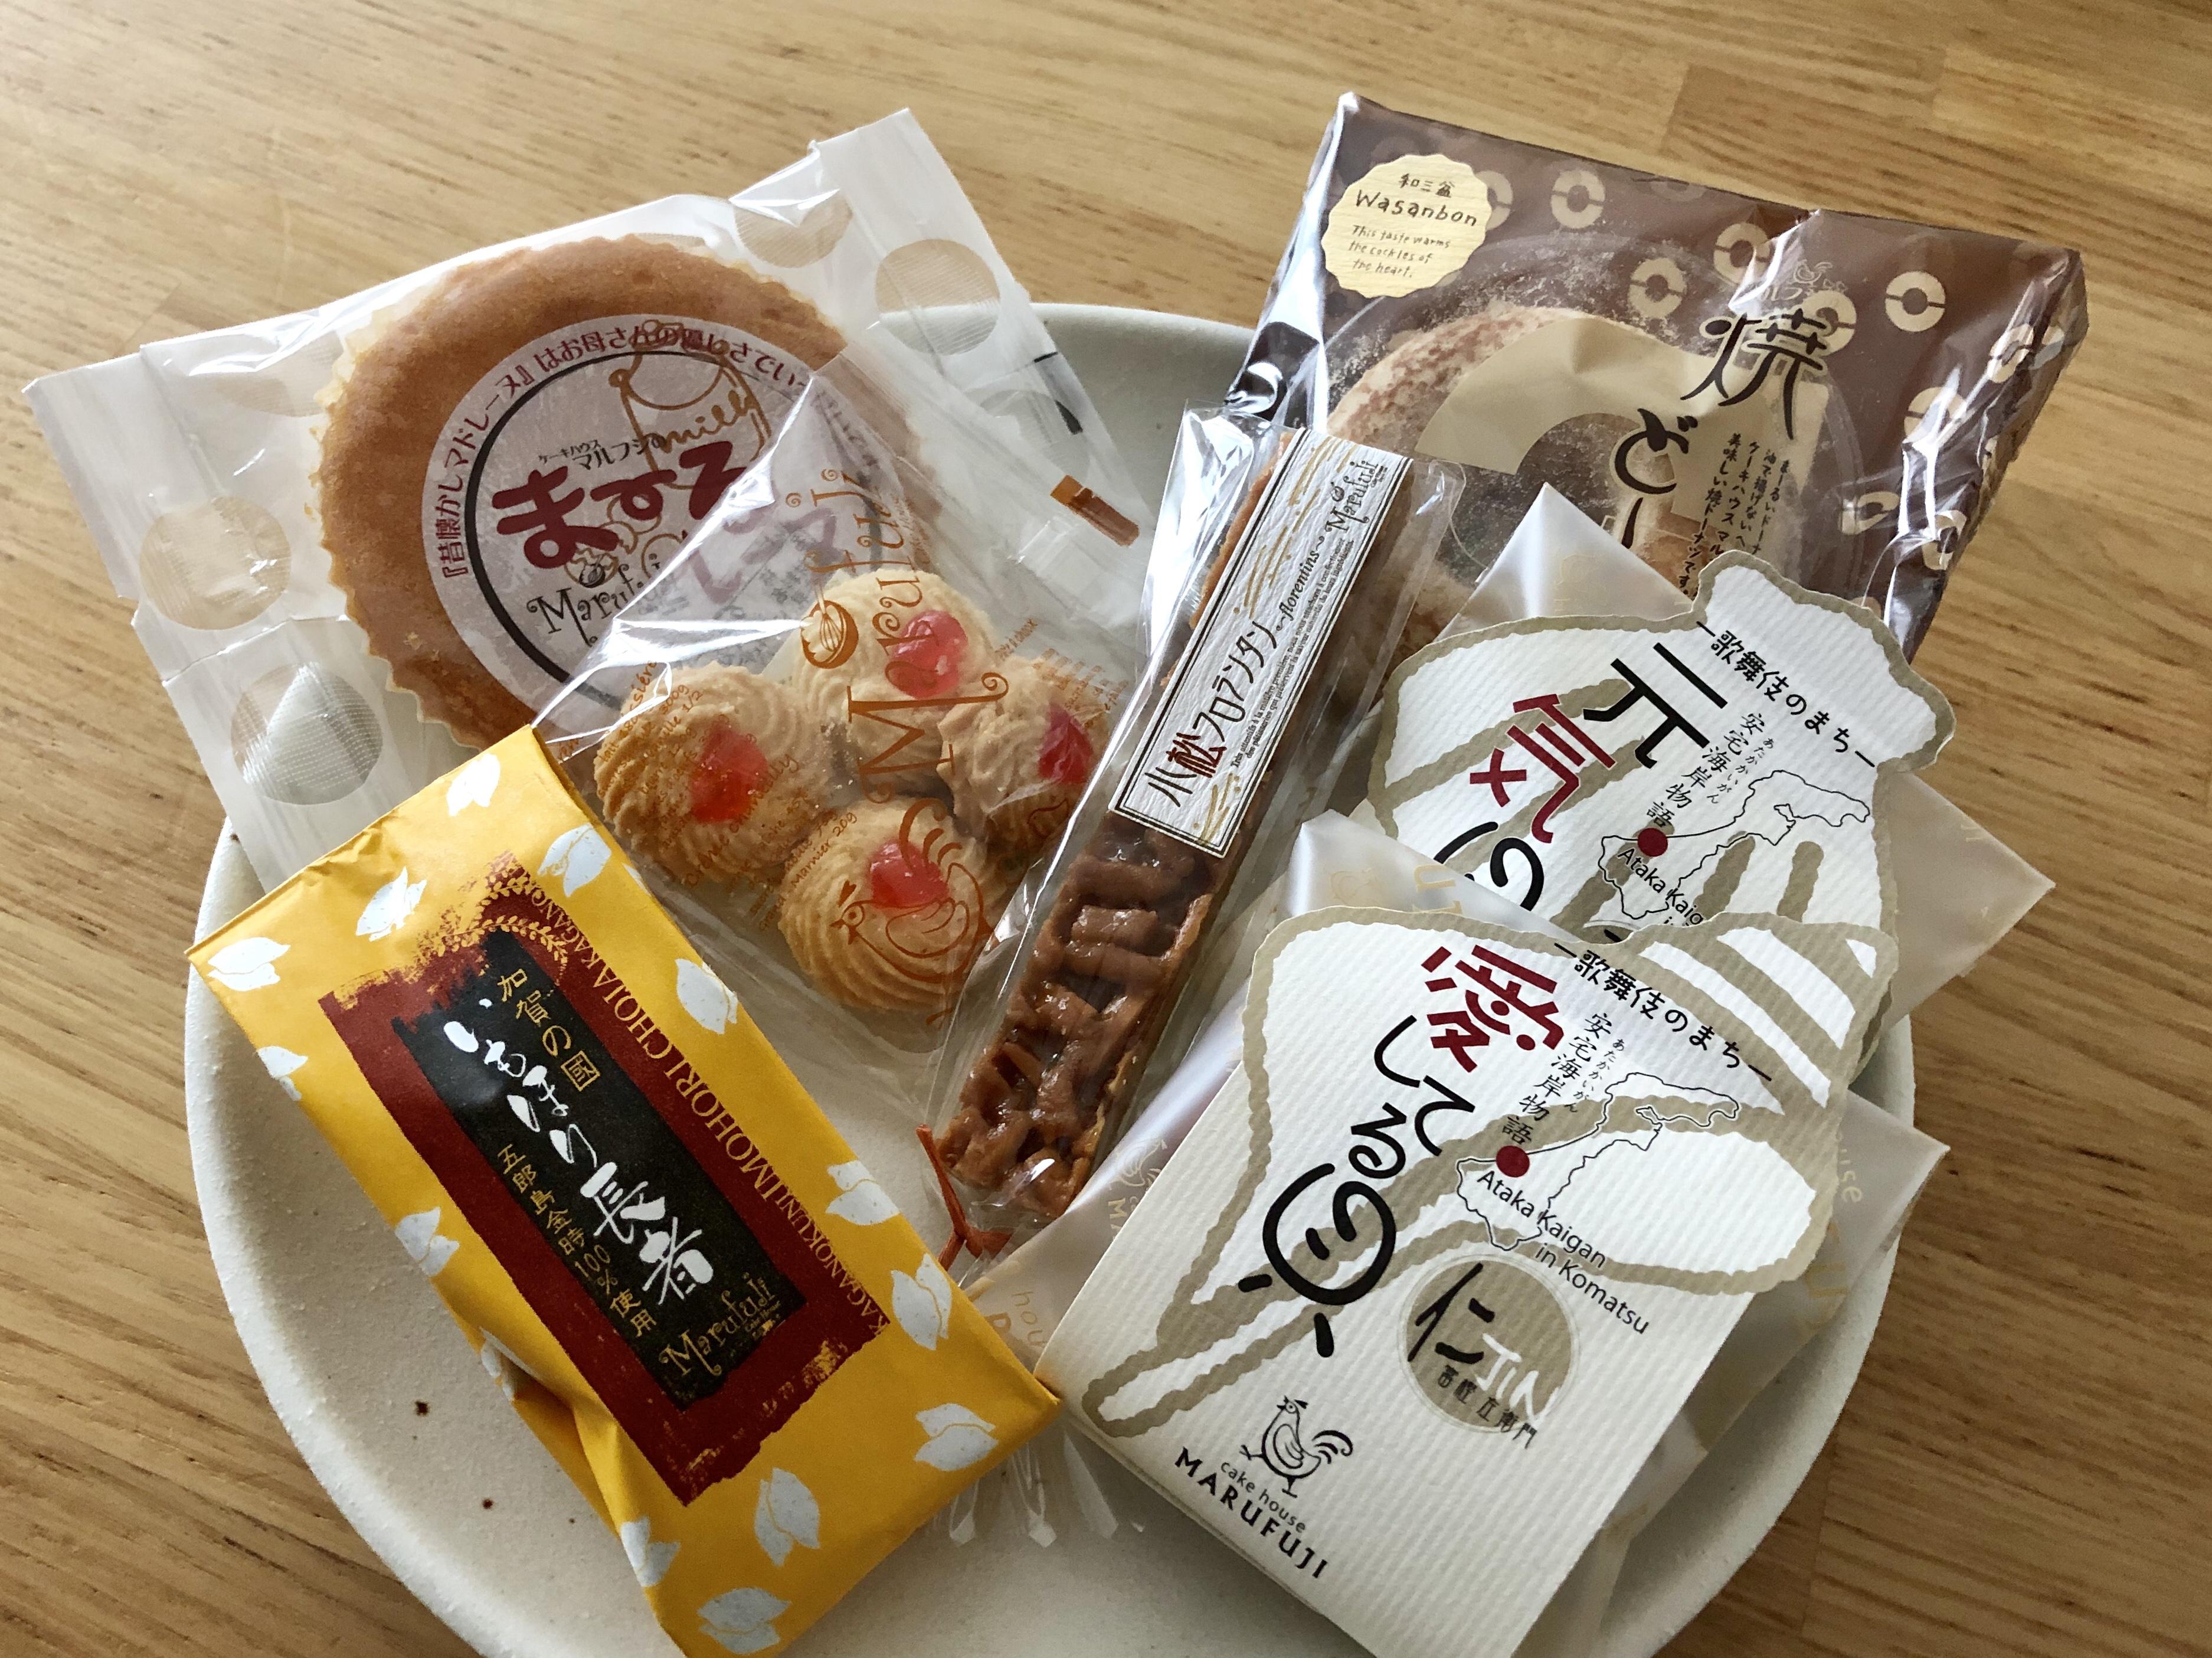 小松市のオススメのケーキ屋のマルフジのスイーツ